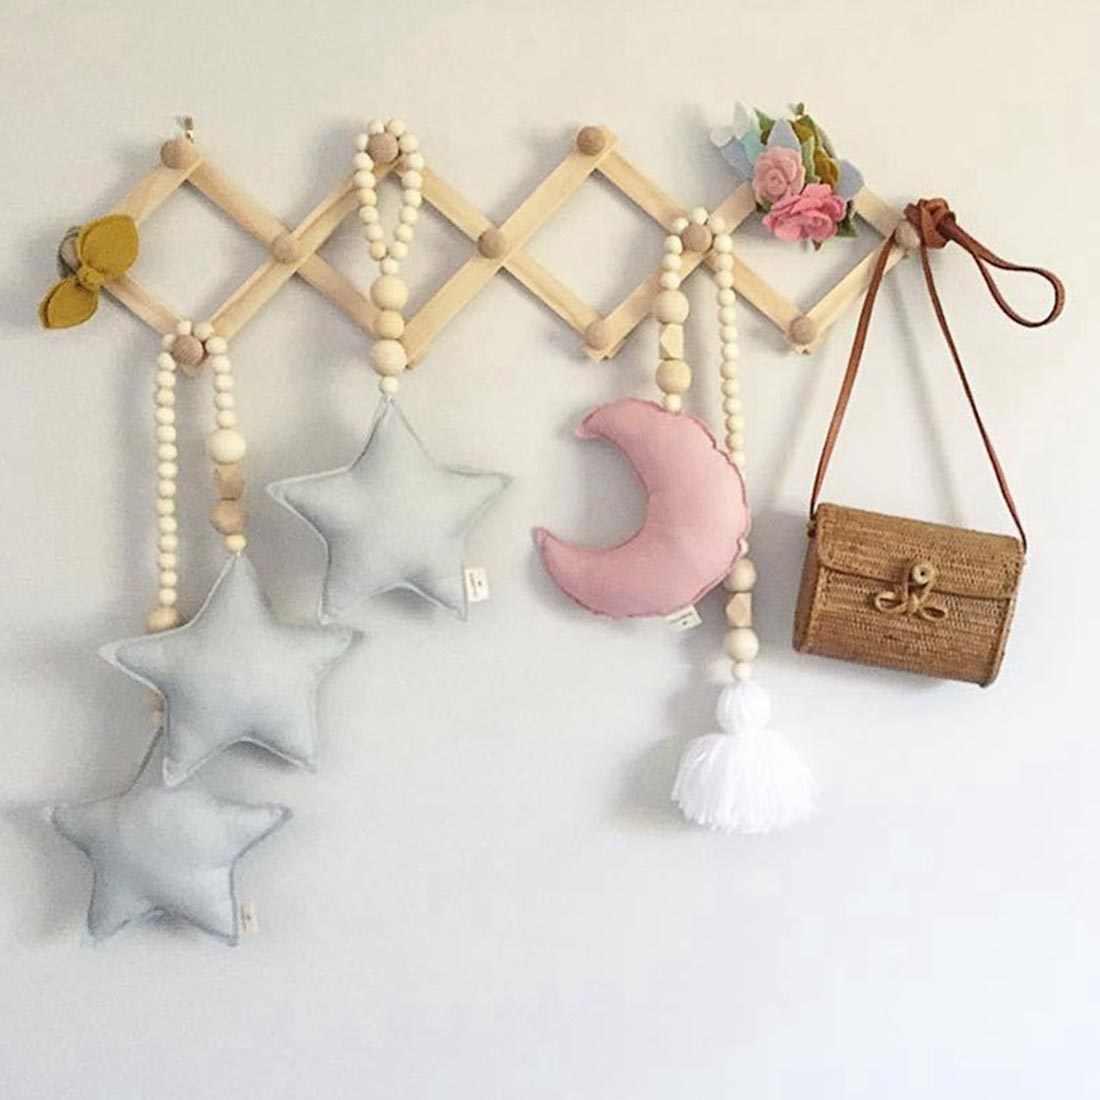 Estrella ornamentos niños habitación colgante decoración de pared habitación cuna tienda decoración fotografía Accesorios